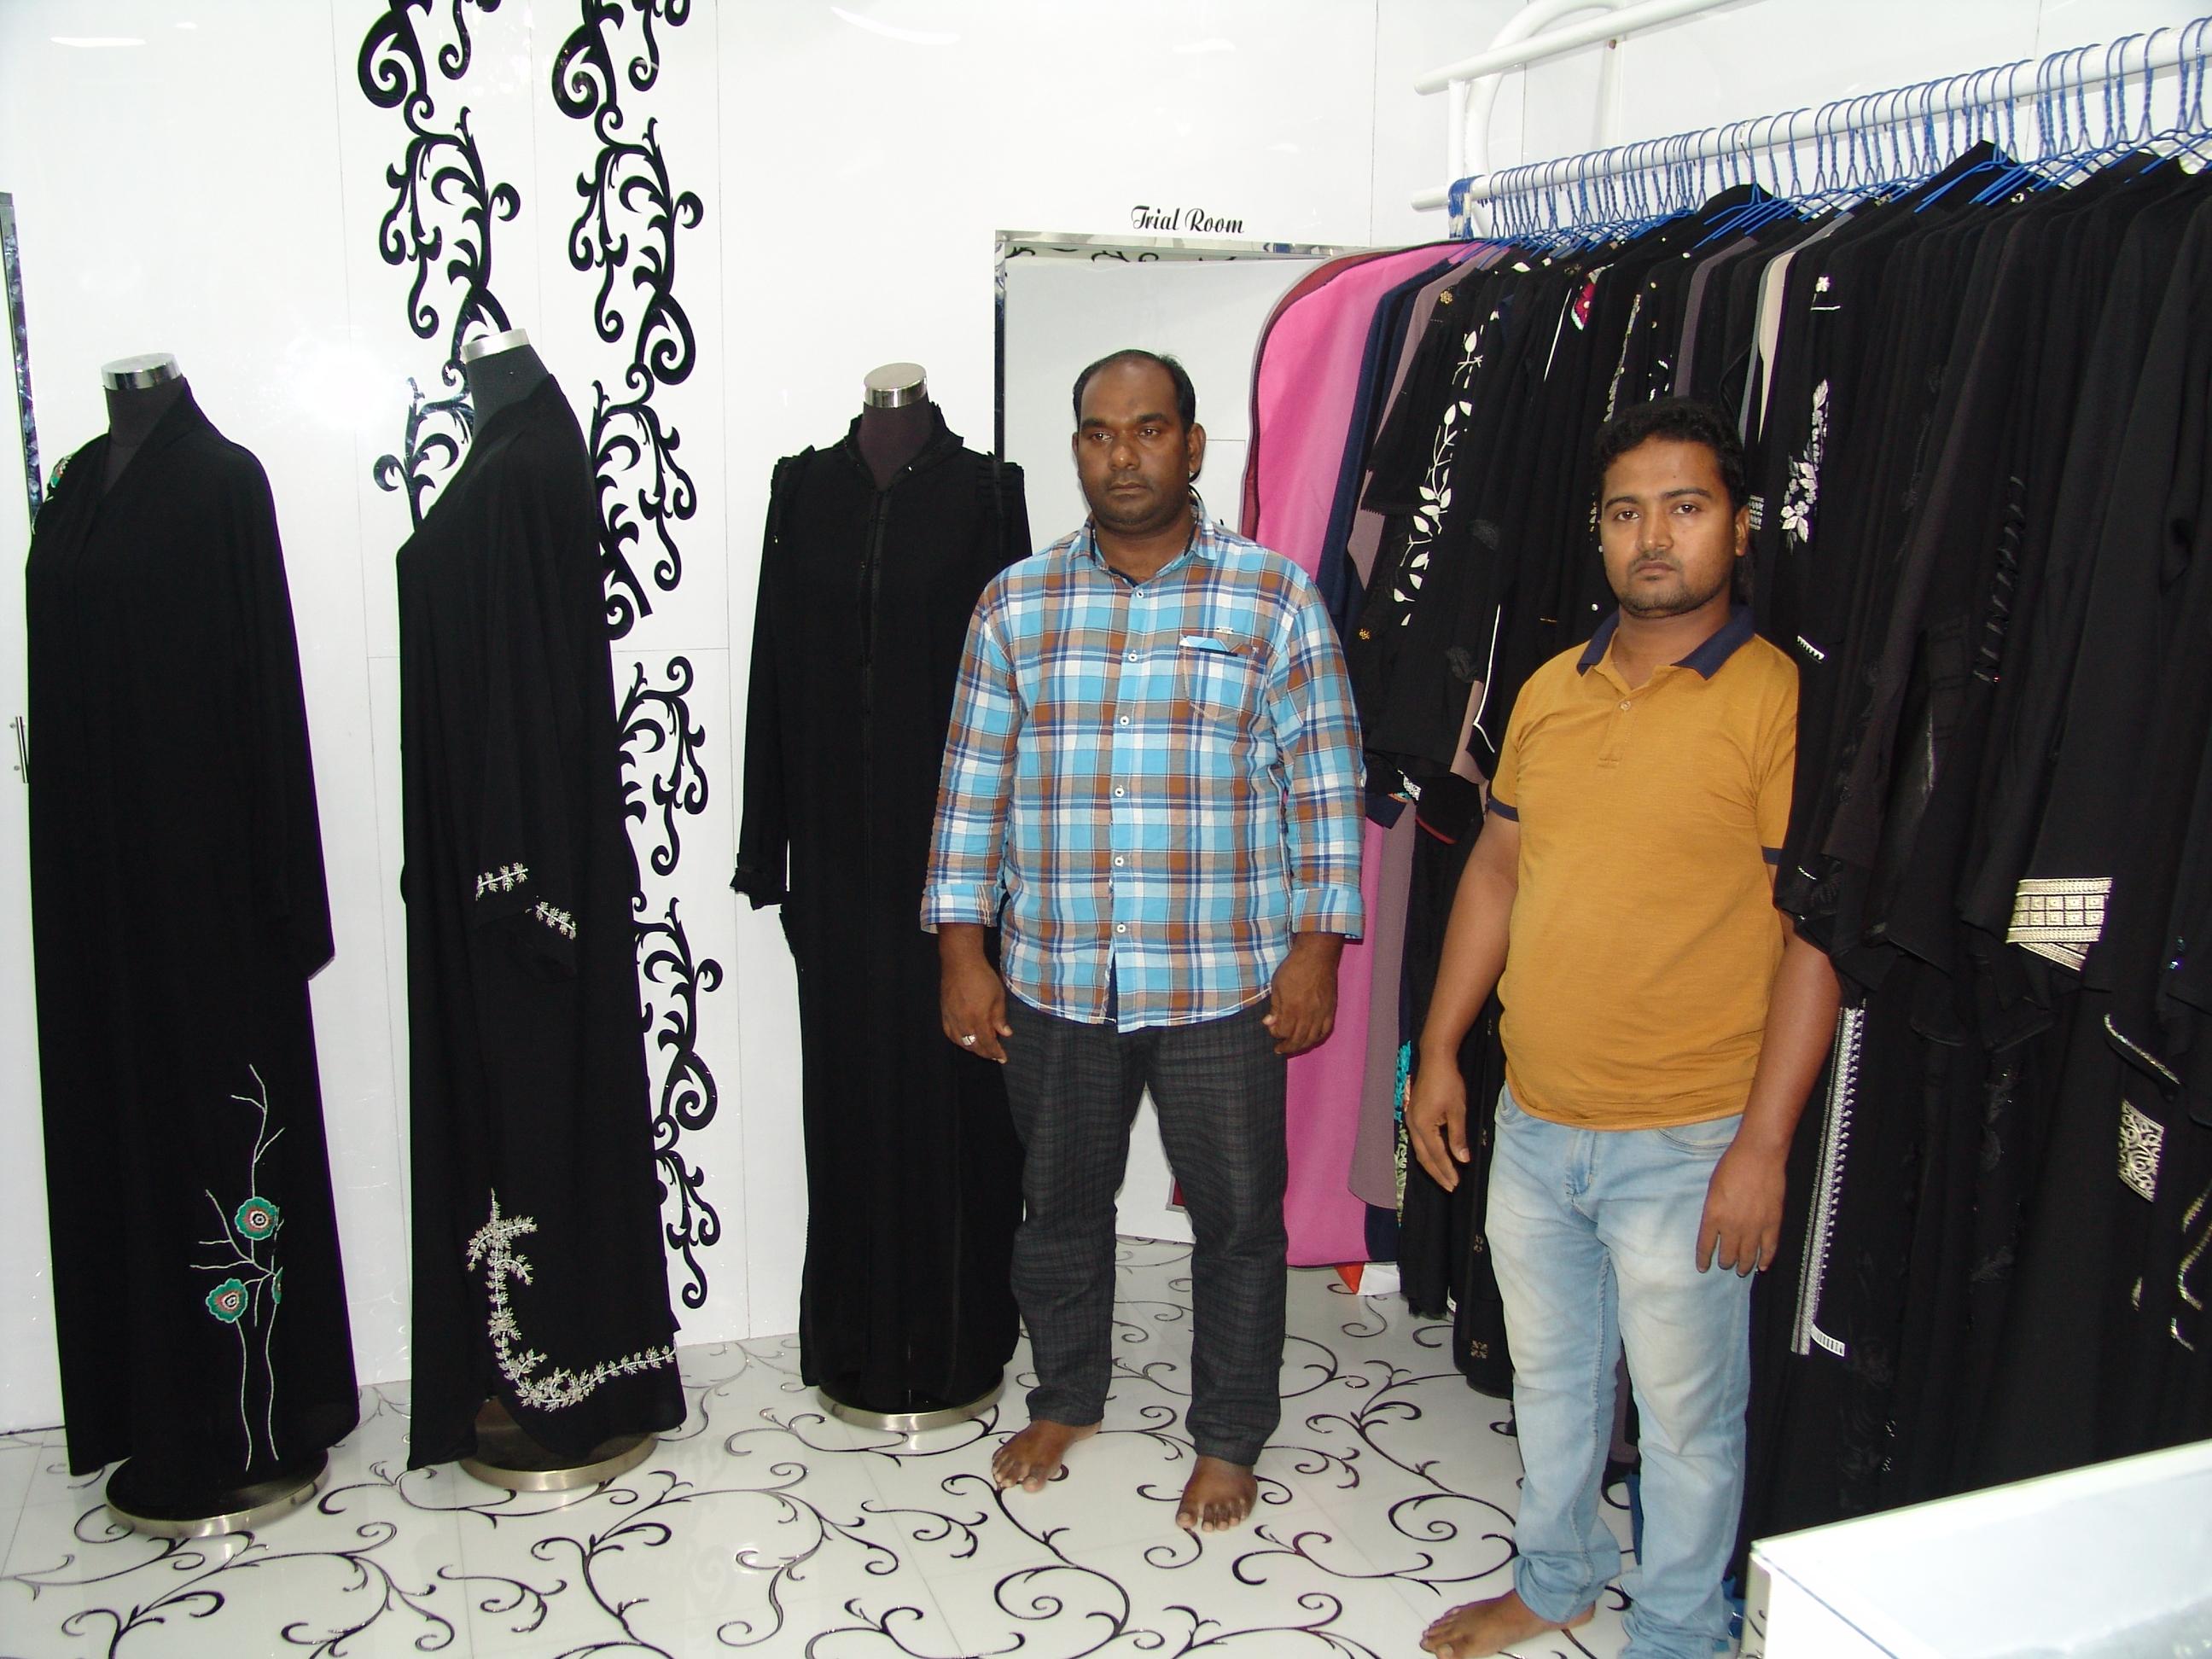 الخطوة لخياطة الملابس النسائية - DSC01137.JPG